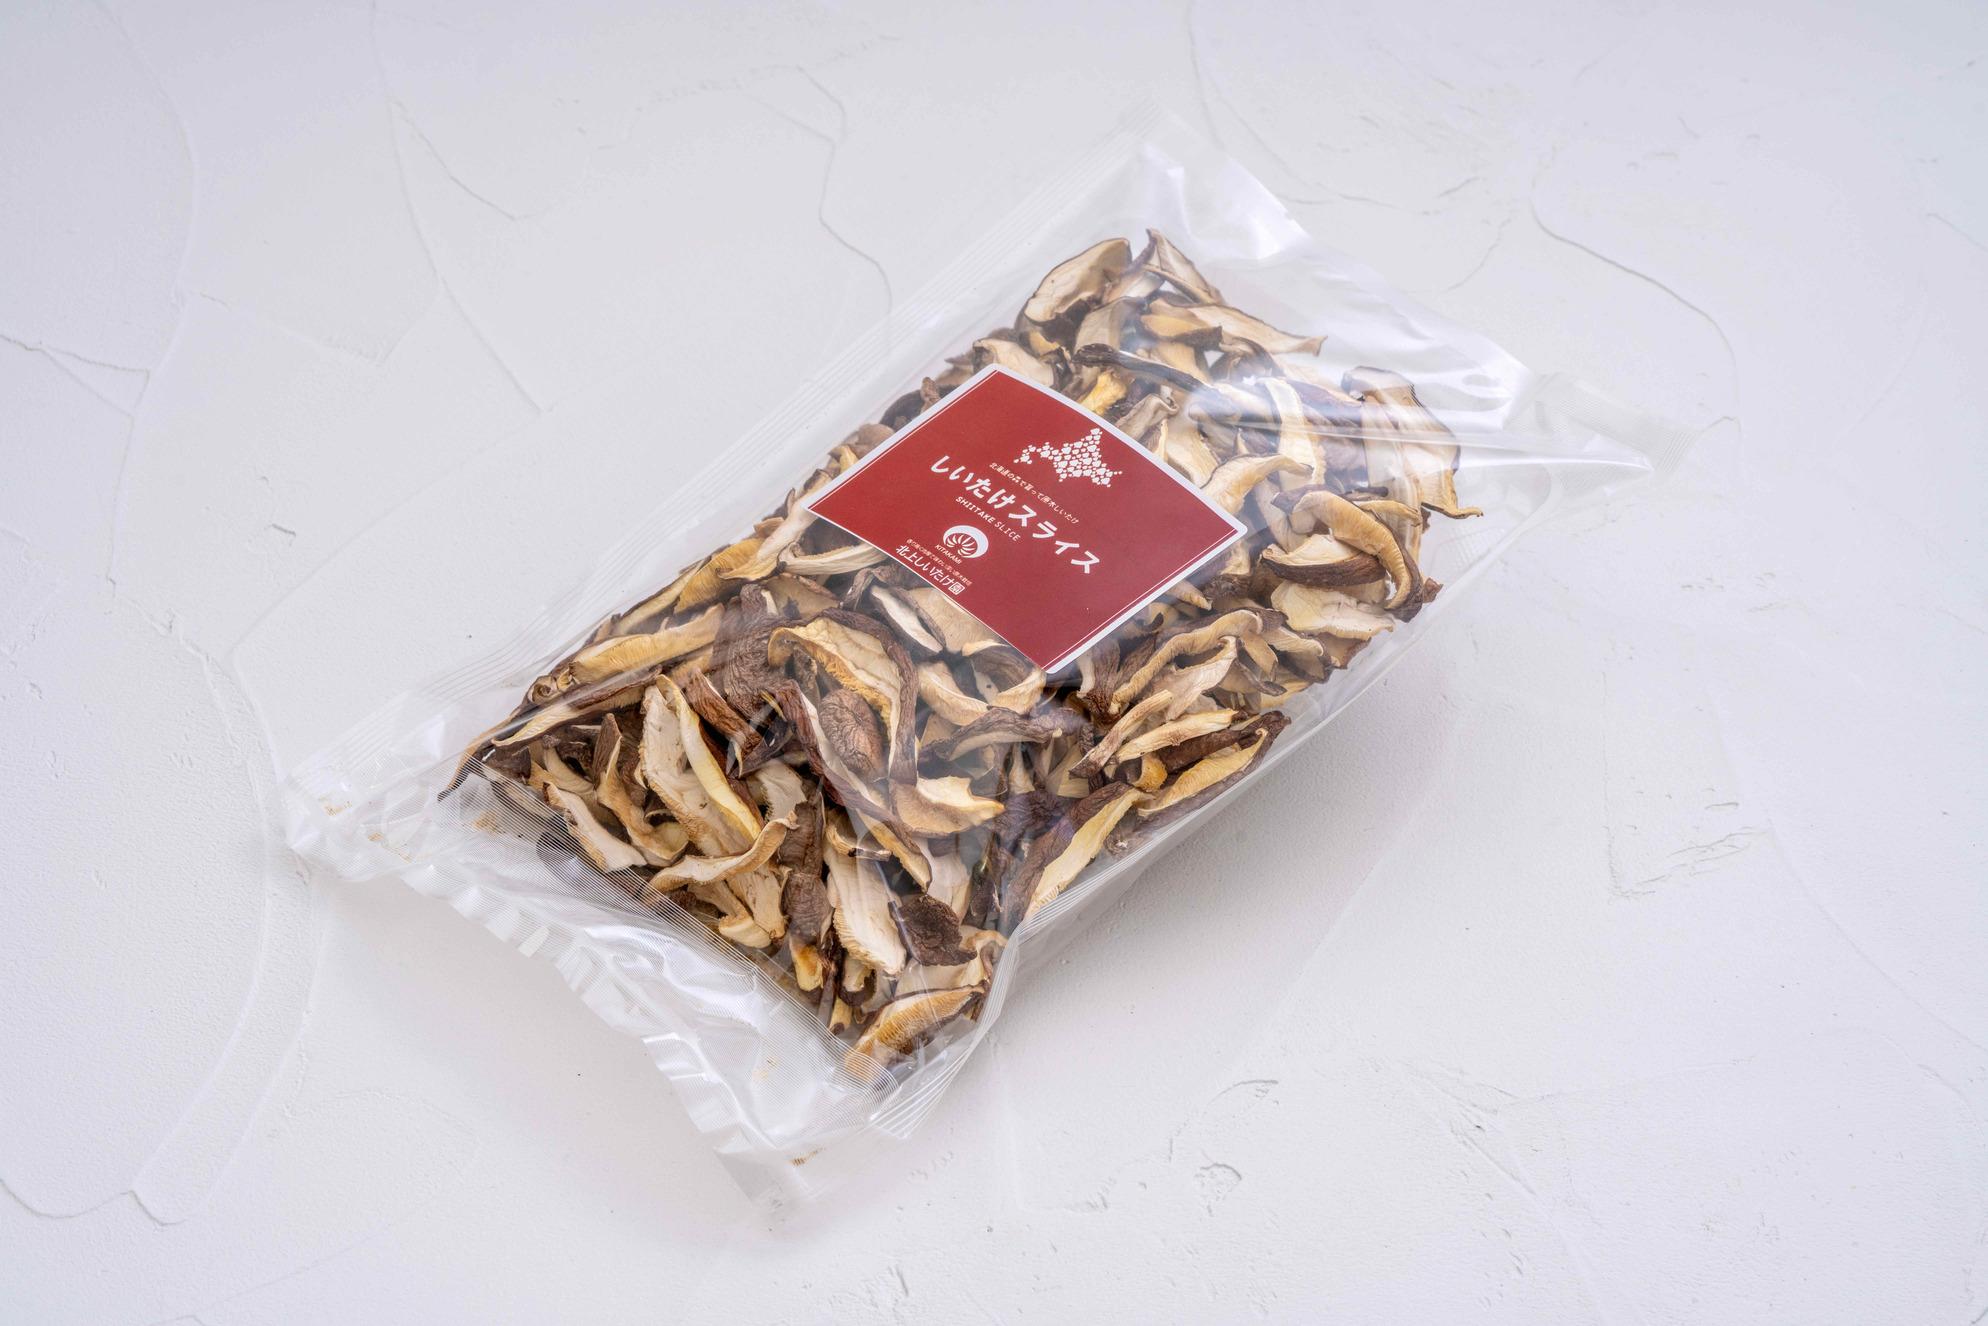 通販・お取り寄せ北海道産の乾燥原木しいたけ(スライス),透明なパッケージの袋に入った出汁用の乾燥椎茸